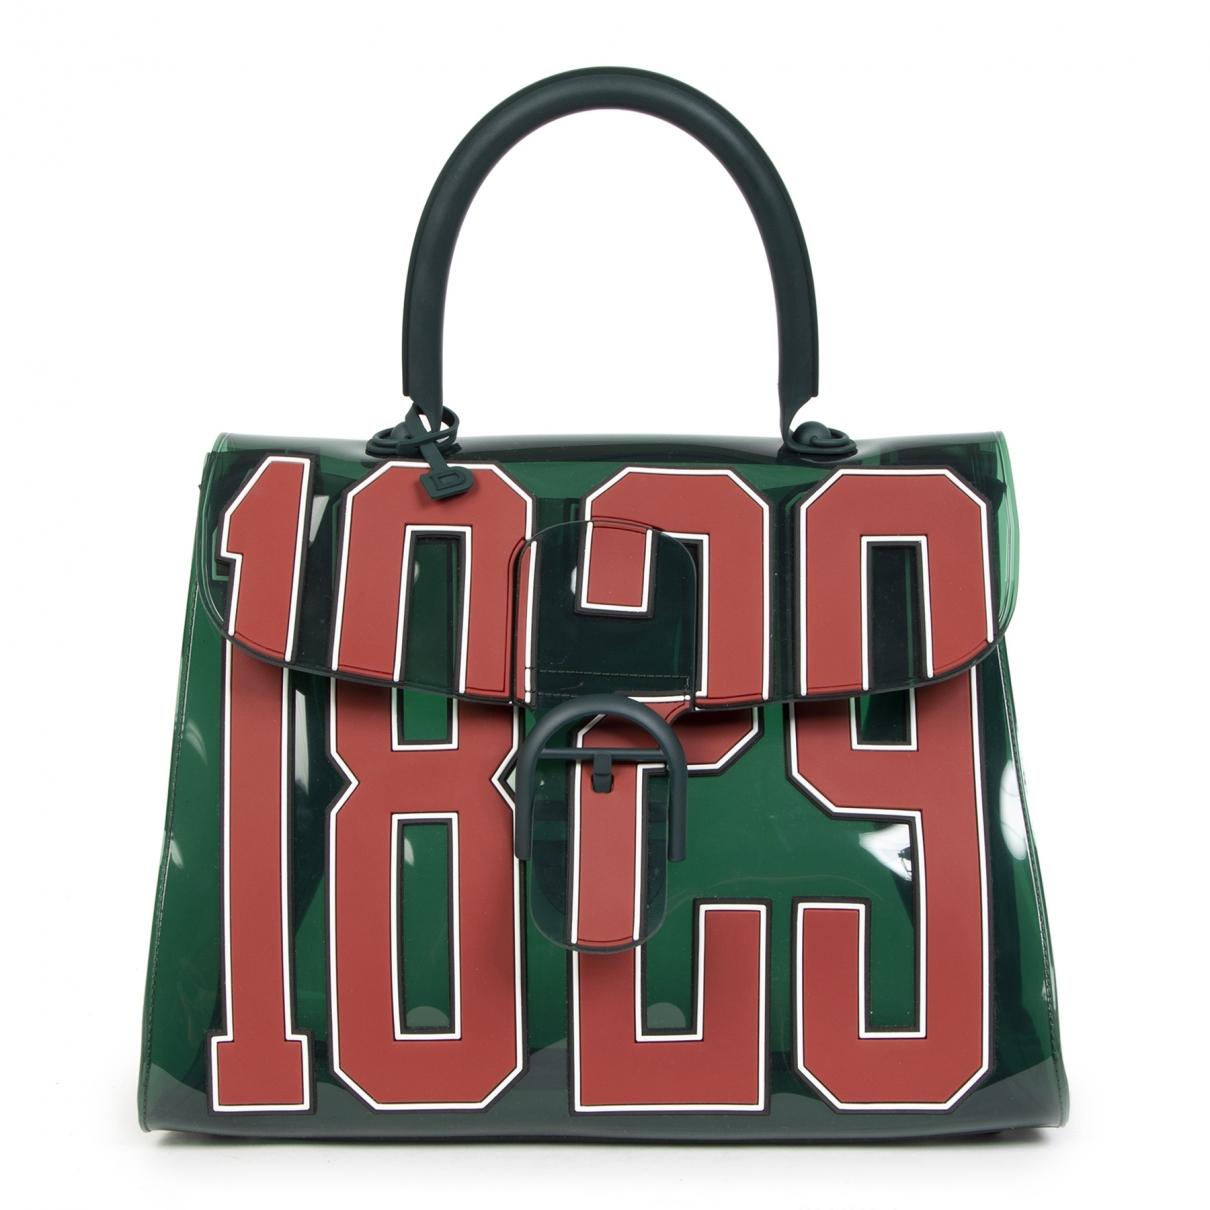 Delvaux Le Brillant Handtasche in  Gruen Kunststoff